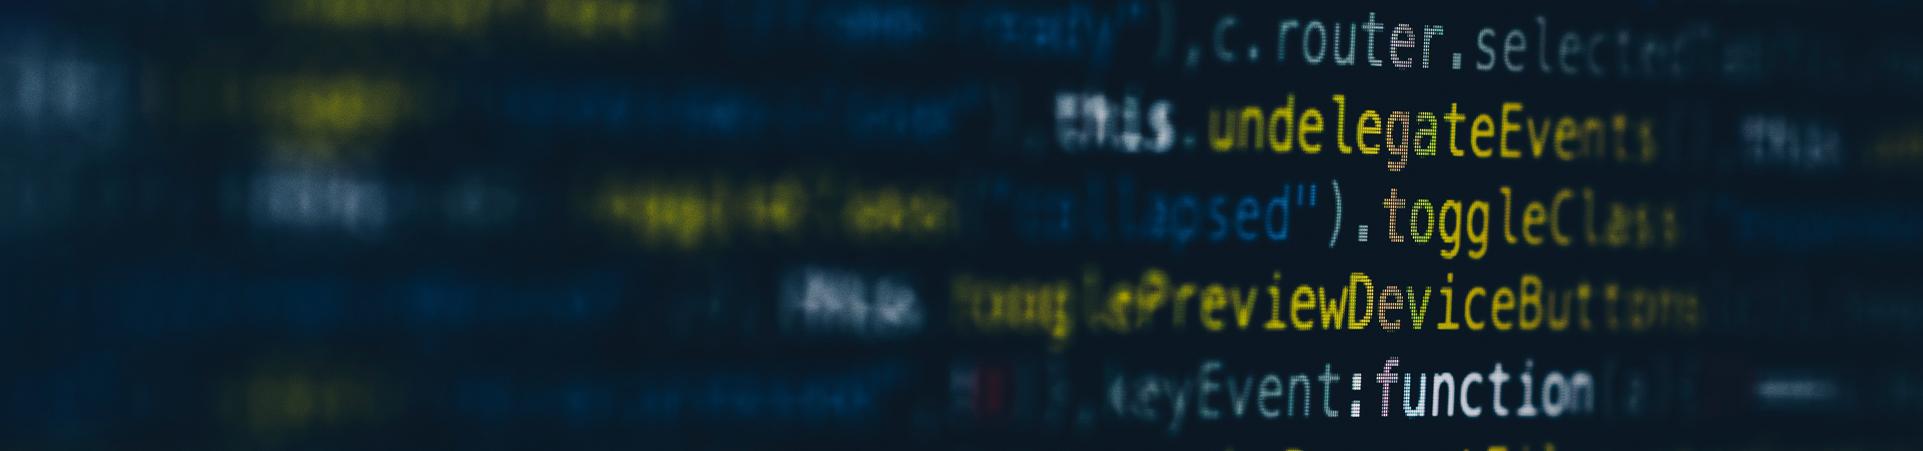 Seguridad informática y programación